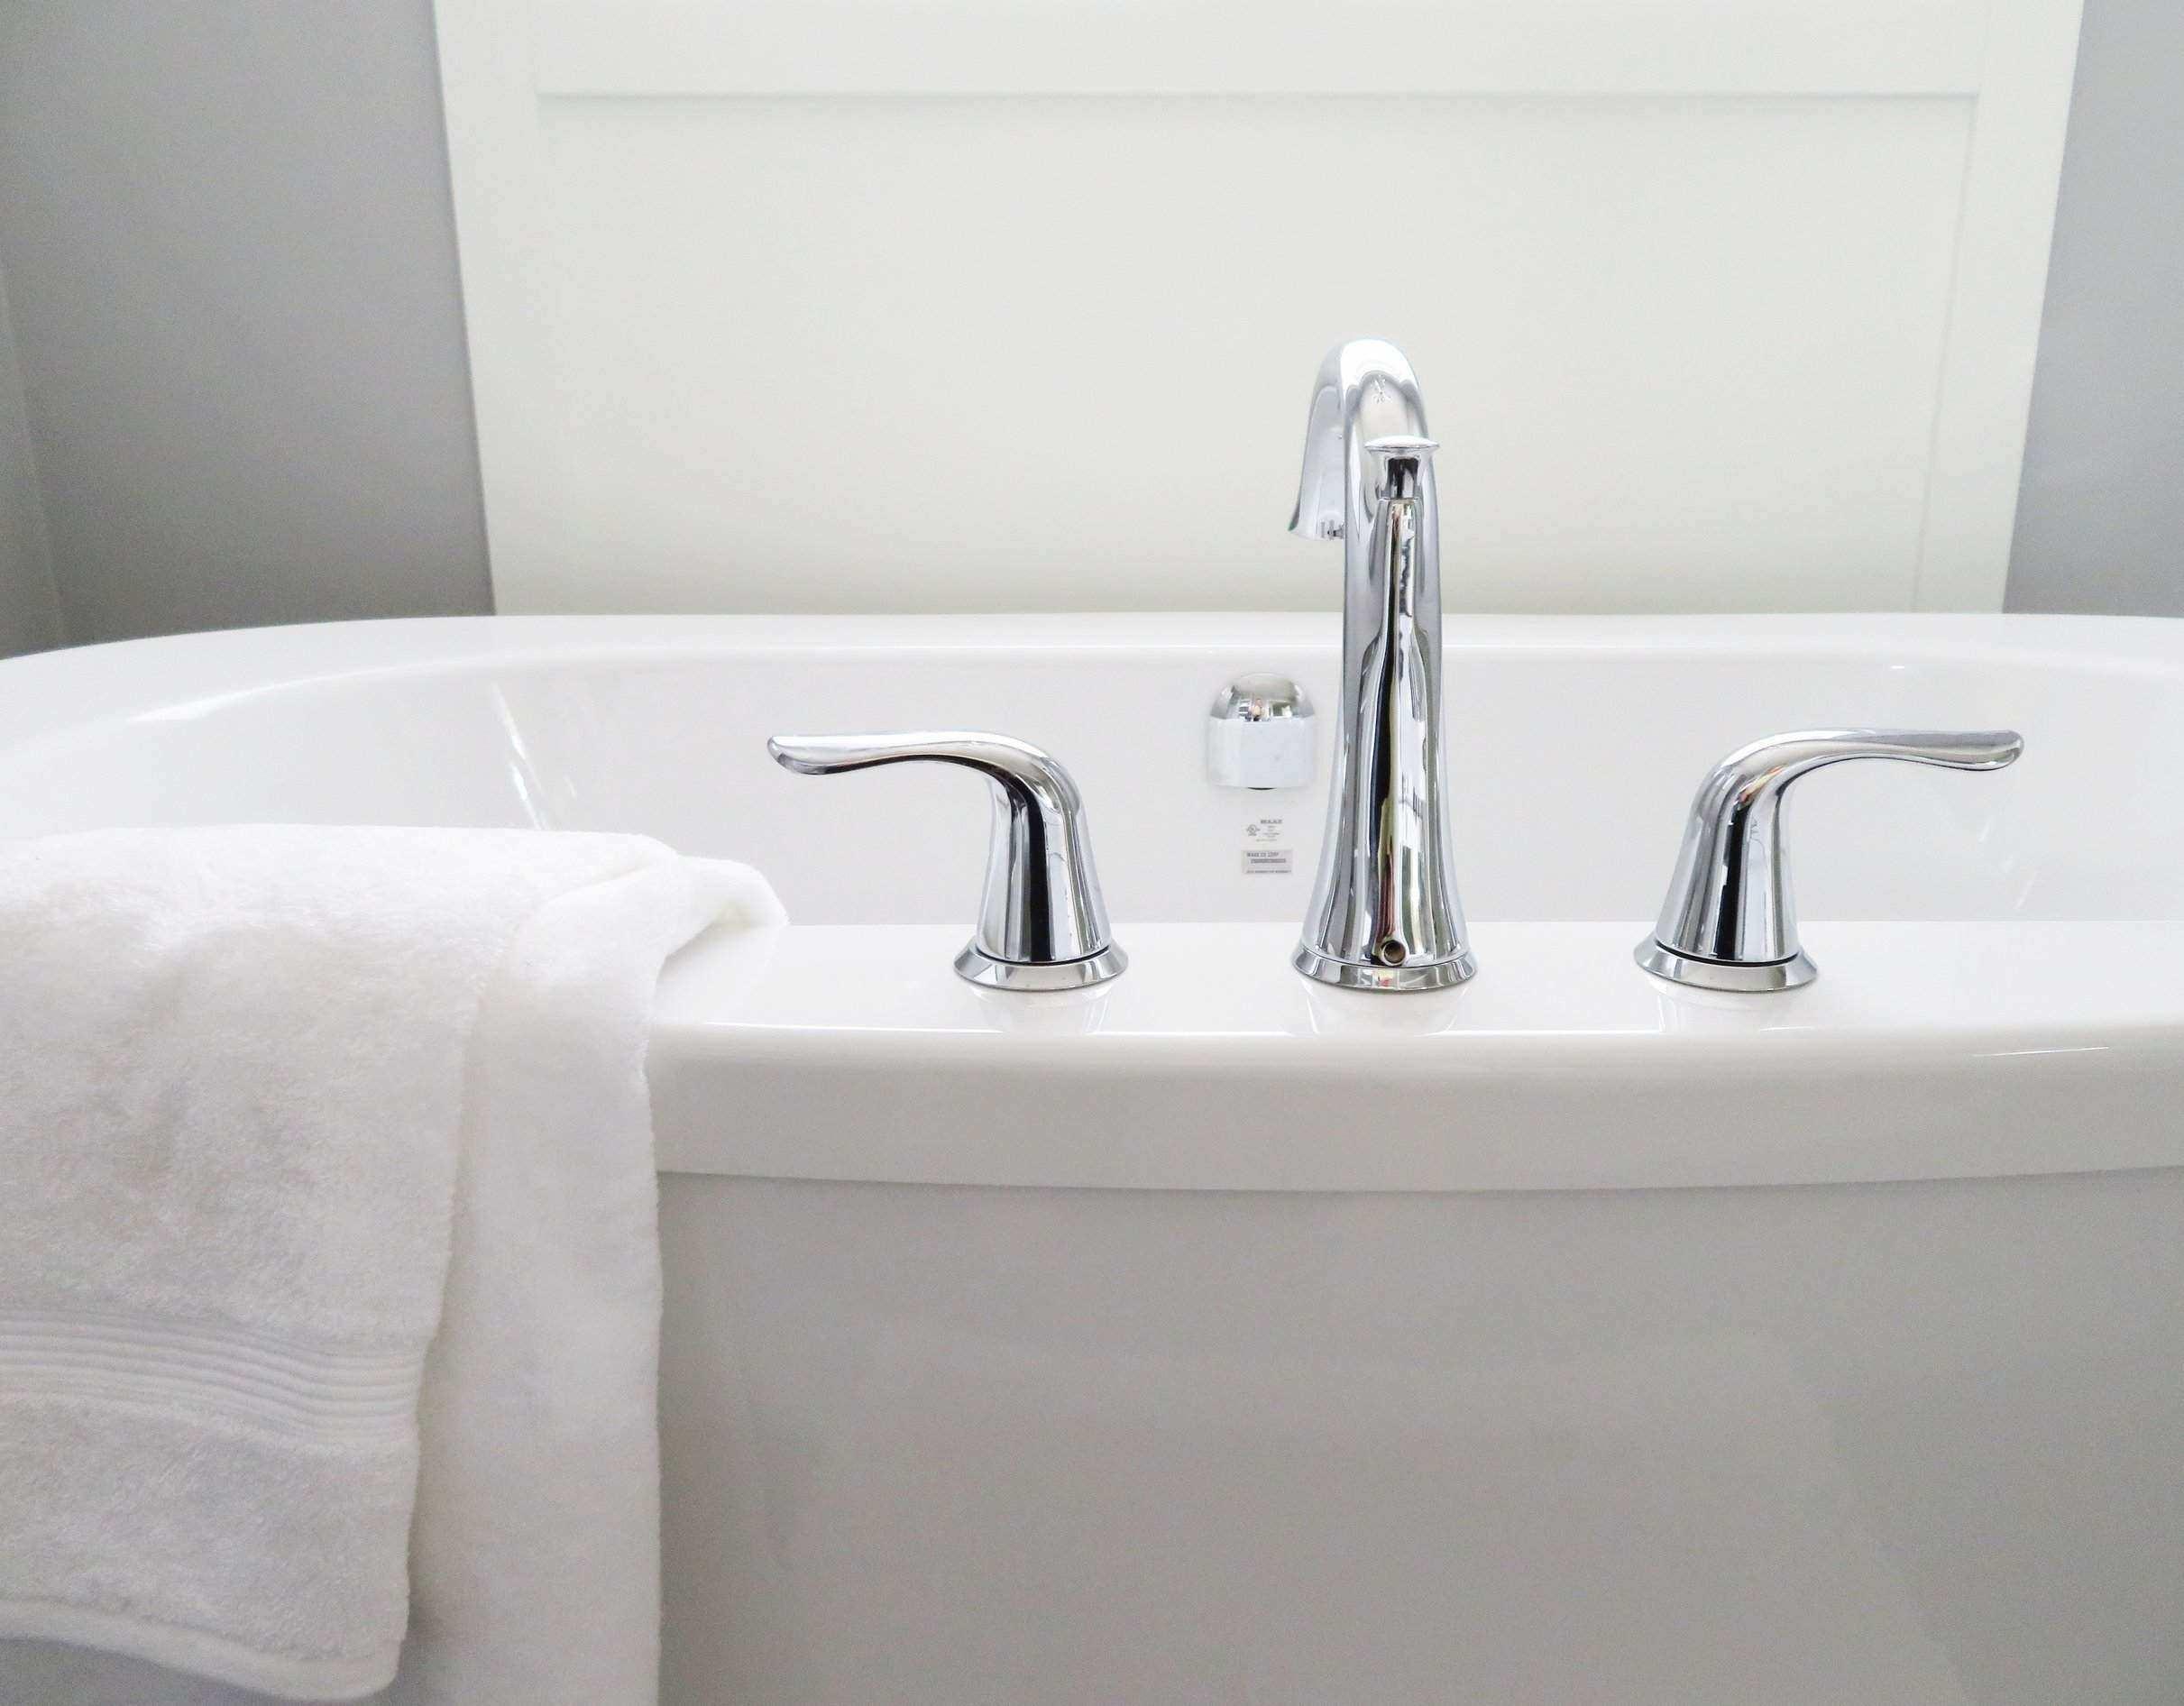 Disinfettante Bagno Naturale : Disinfettante bagno naturale come pulire la doccia e il bagno in